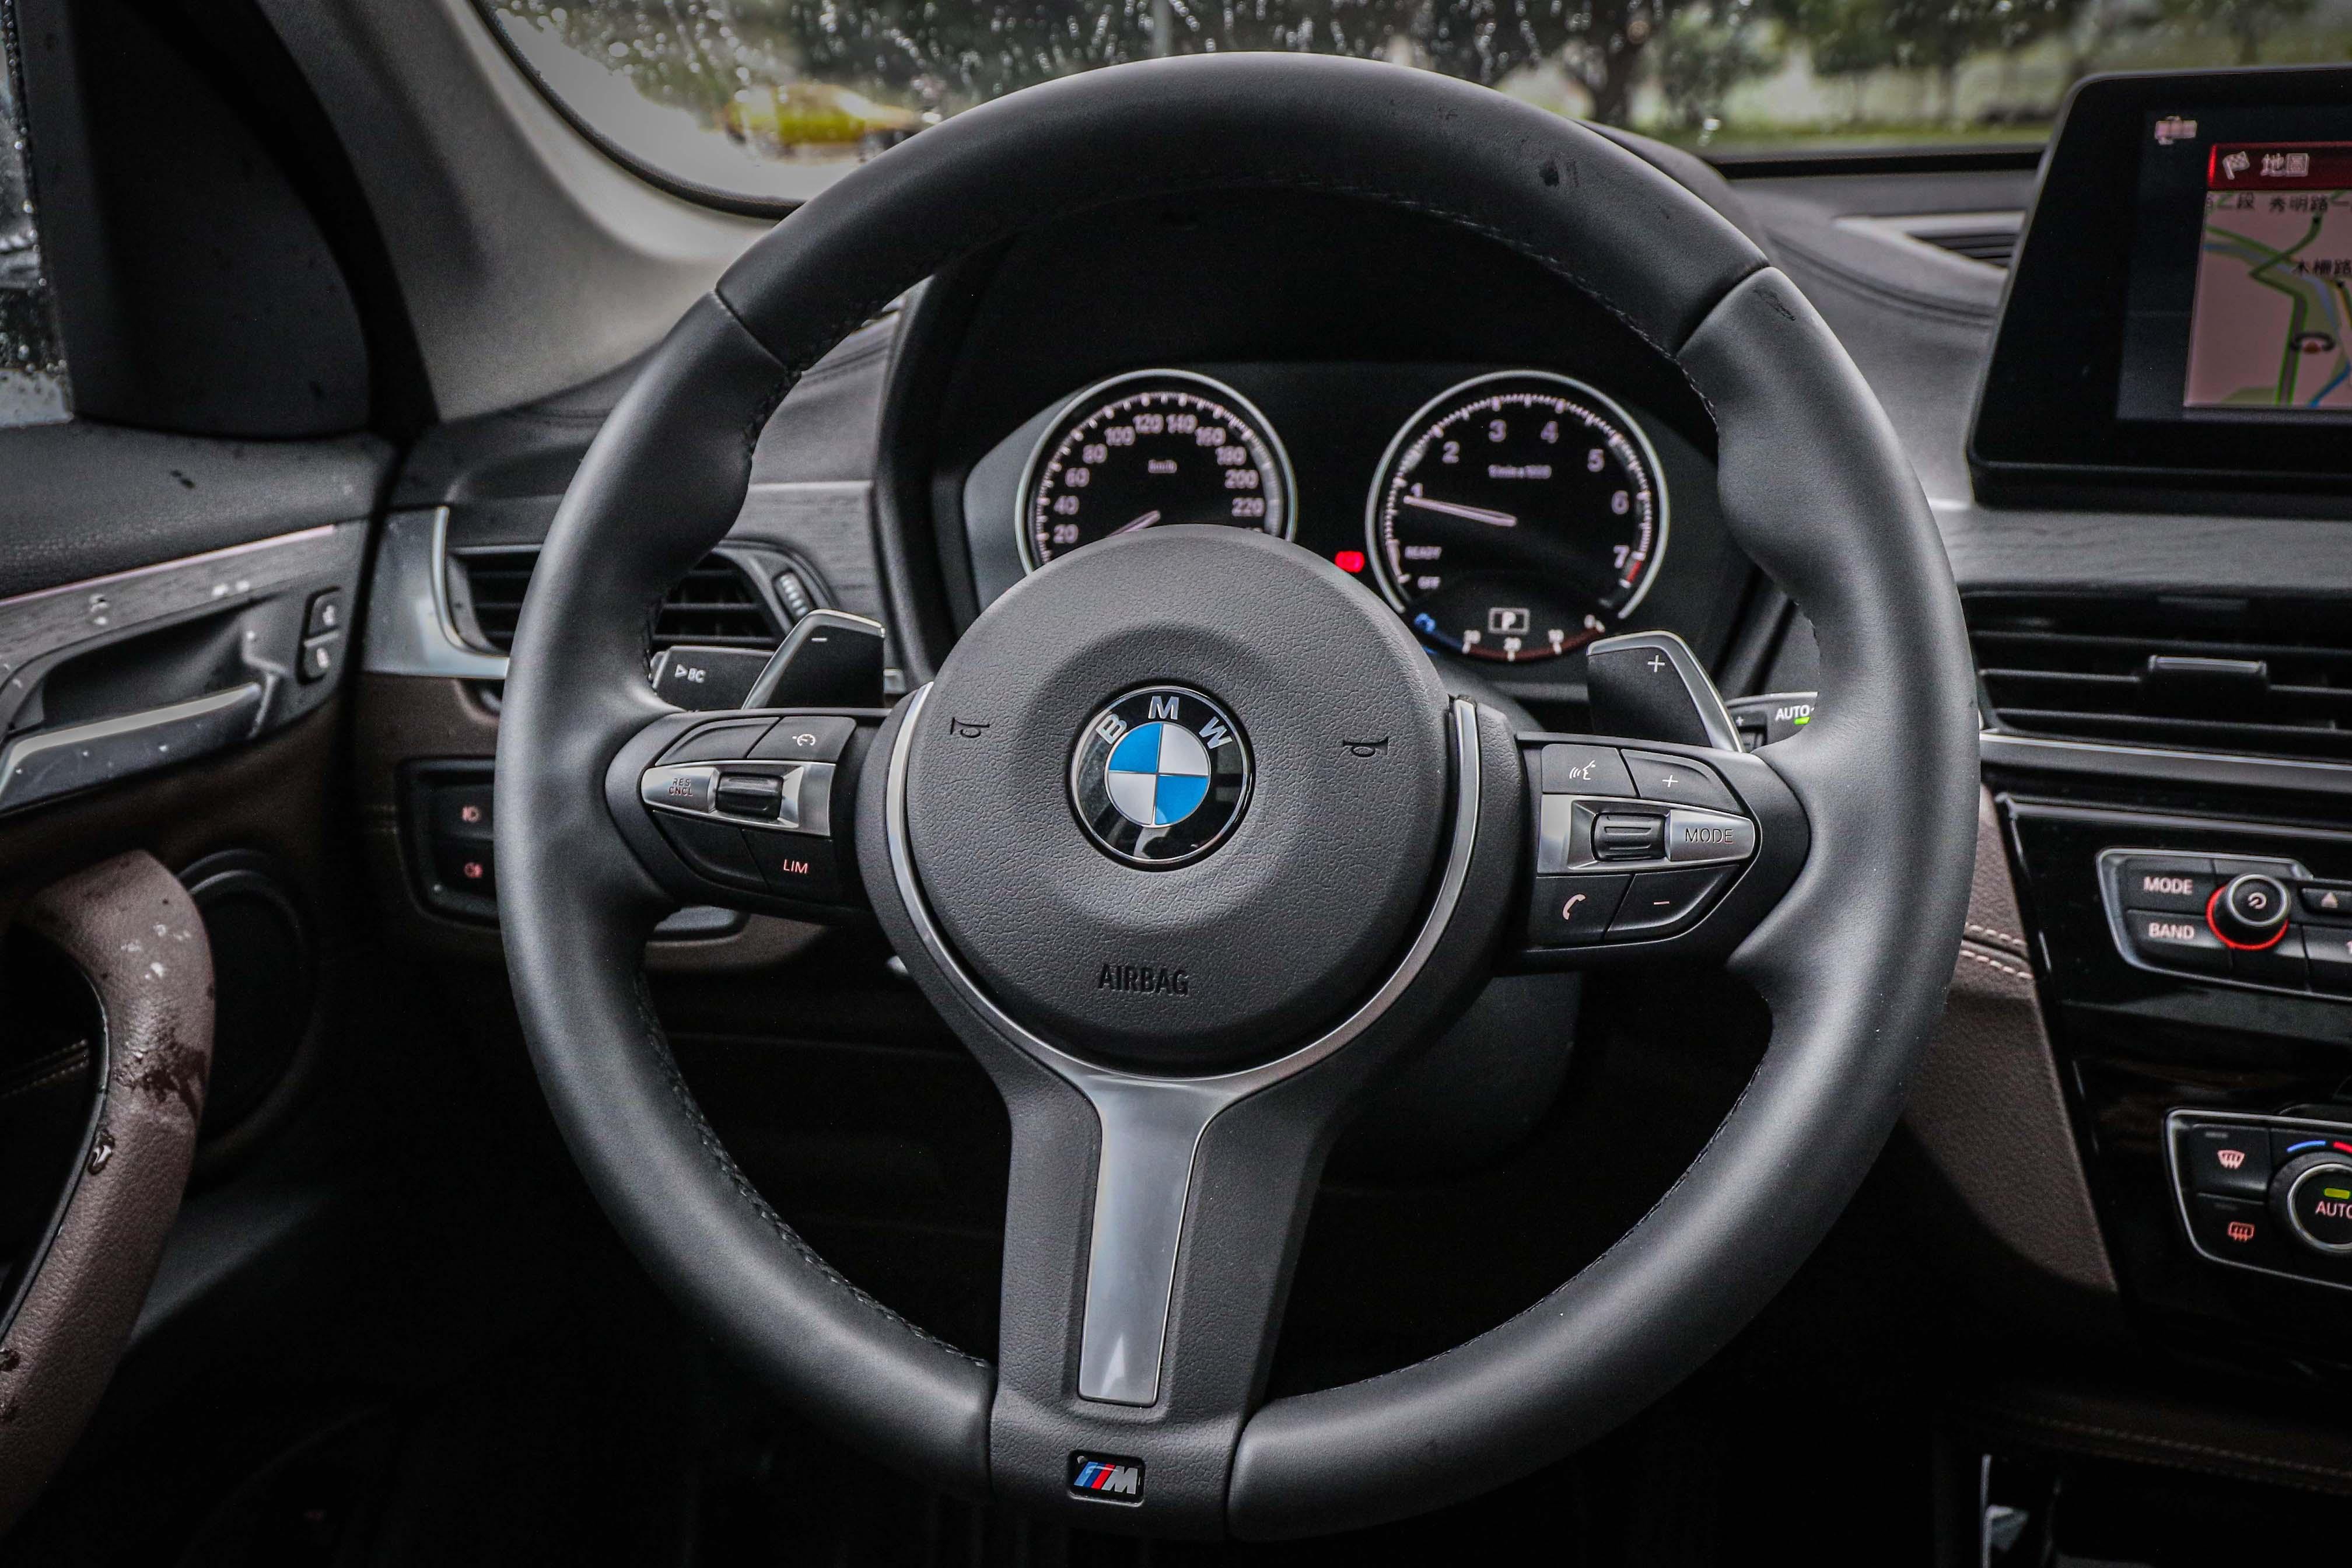 M 款多功能真皮方向盤是全車系標配,不過 sDrive18i 沒有換檔撥片。